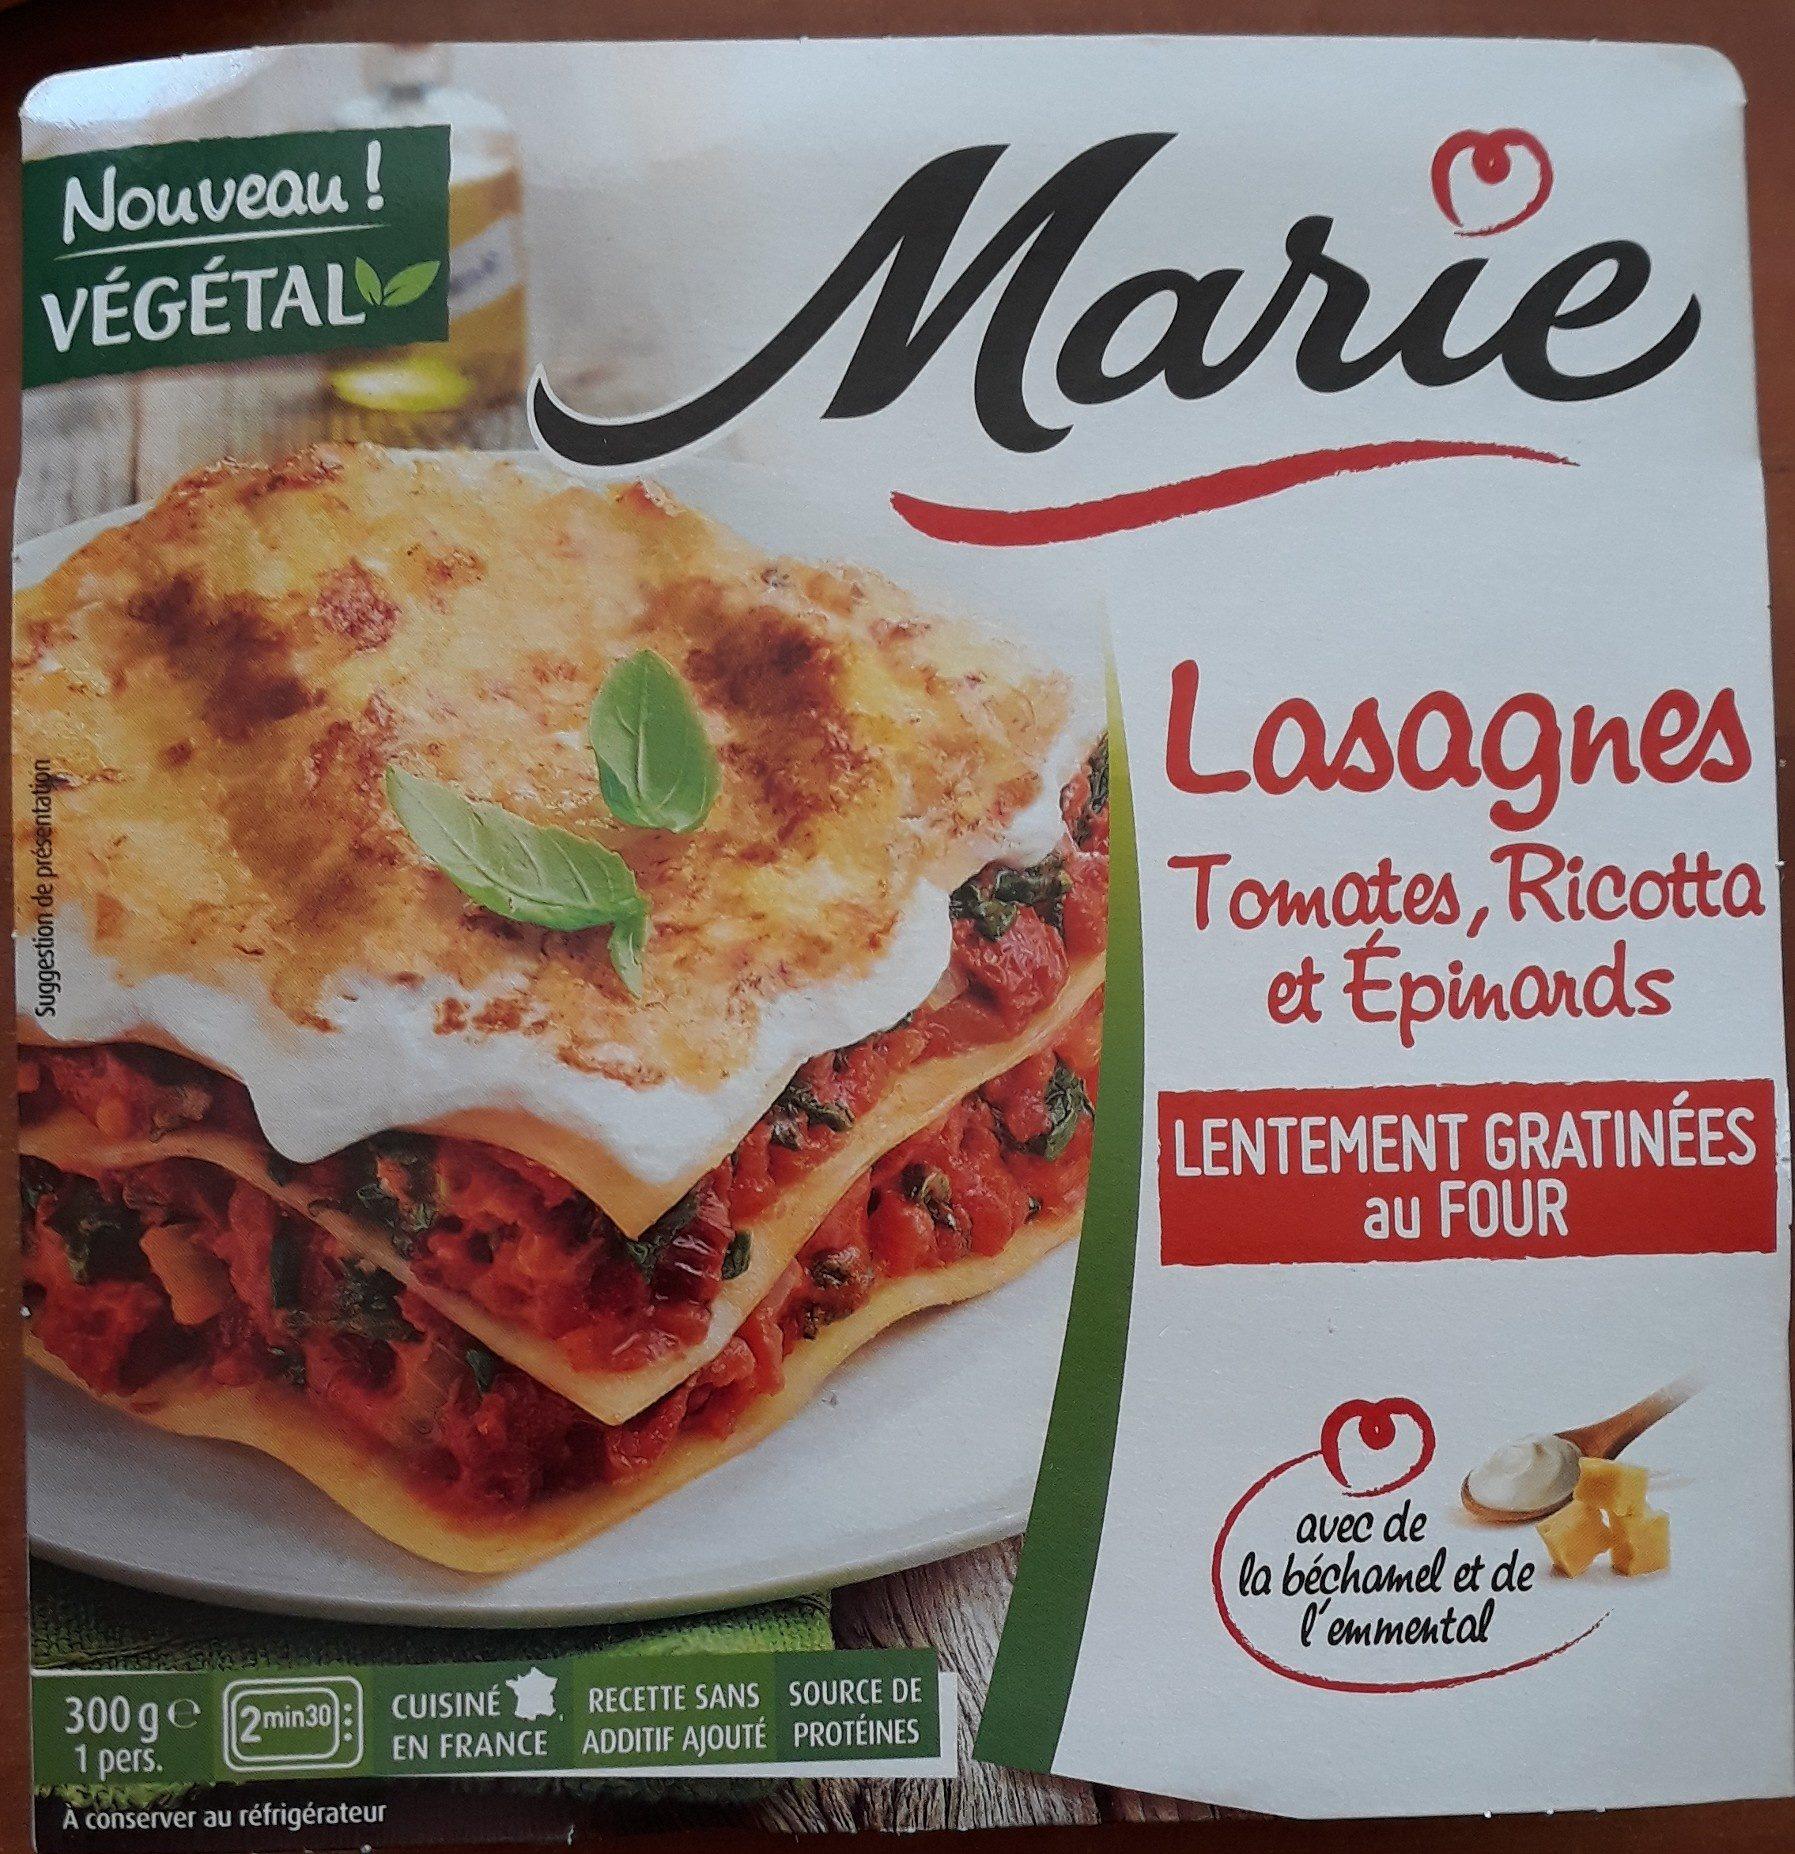 Lasagnes tomates, Ricotta et épinards - Product - fr